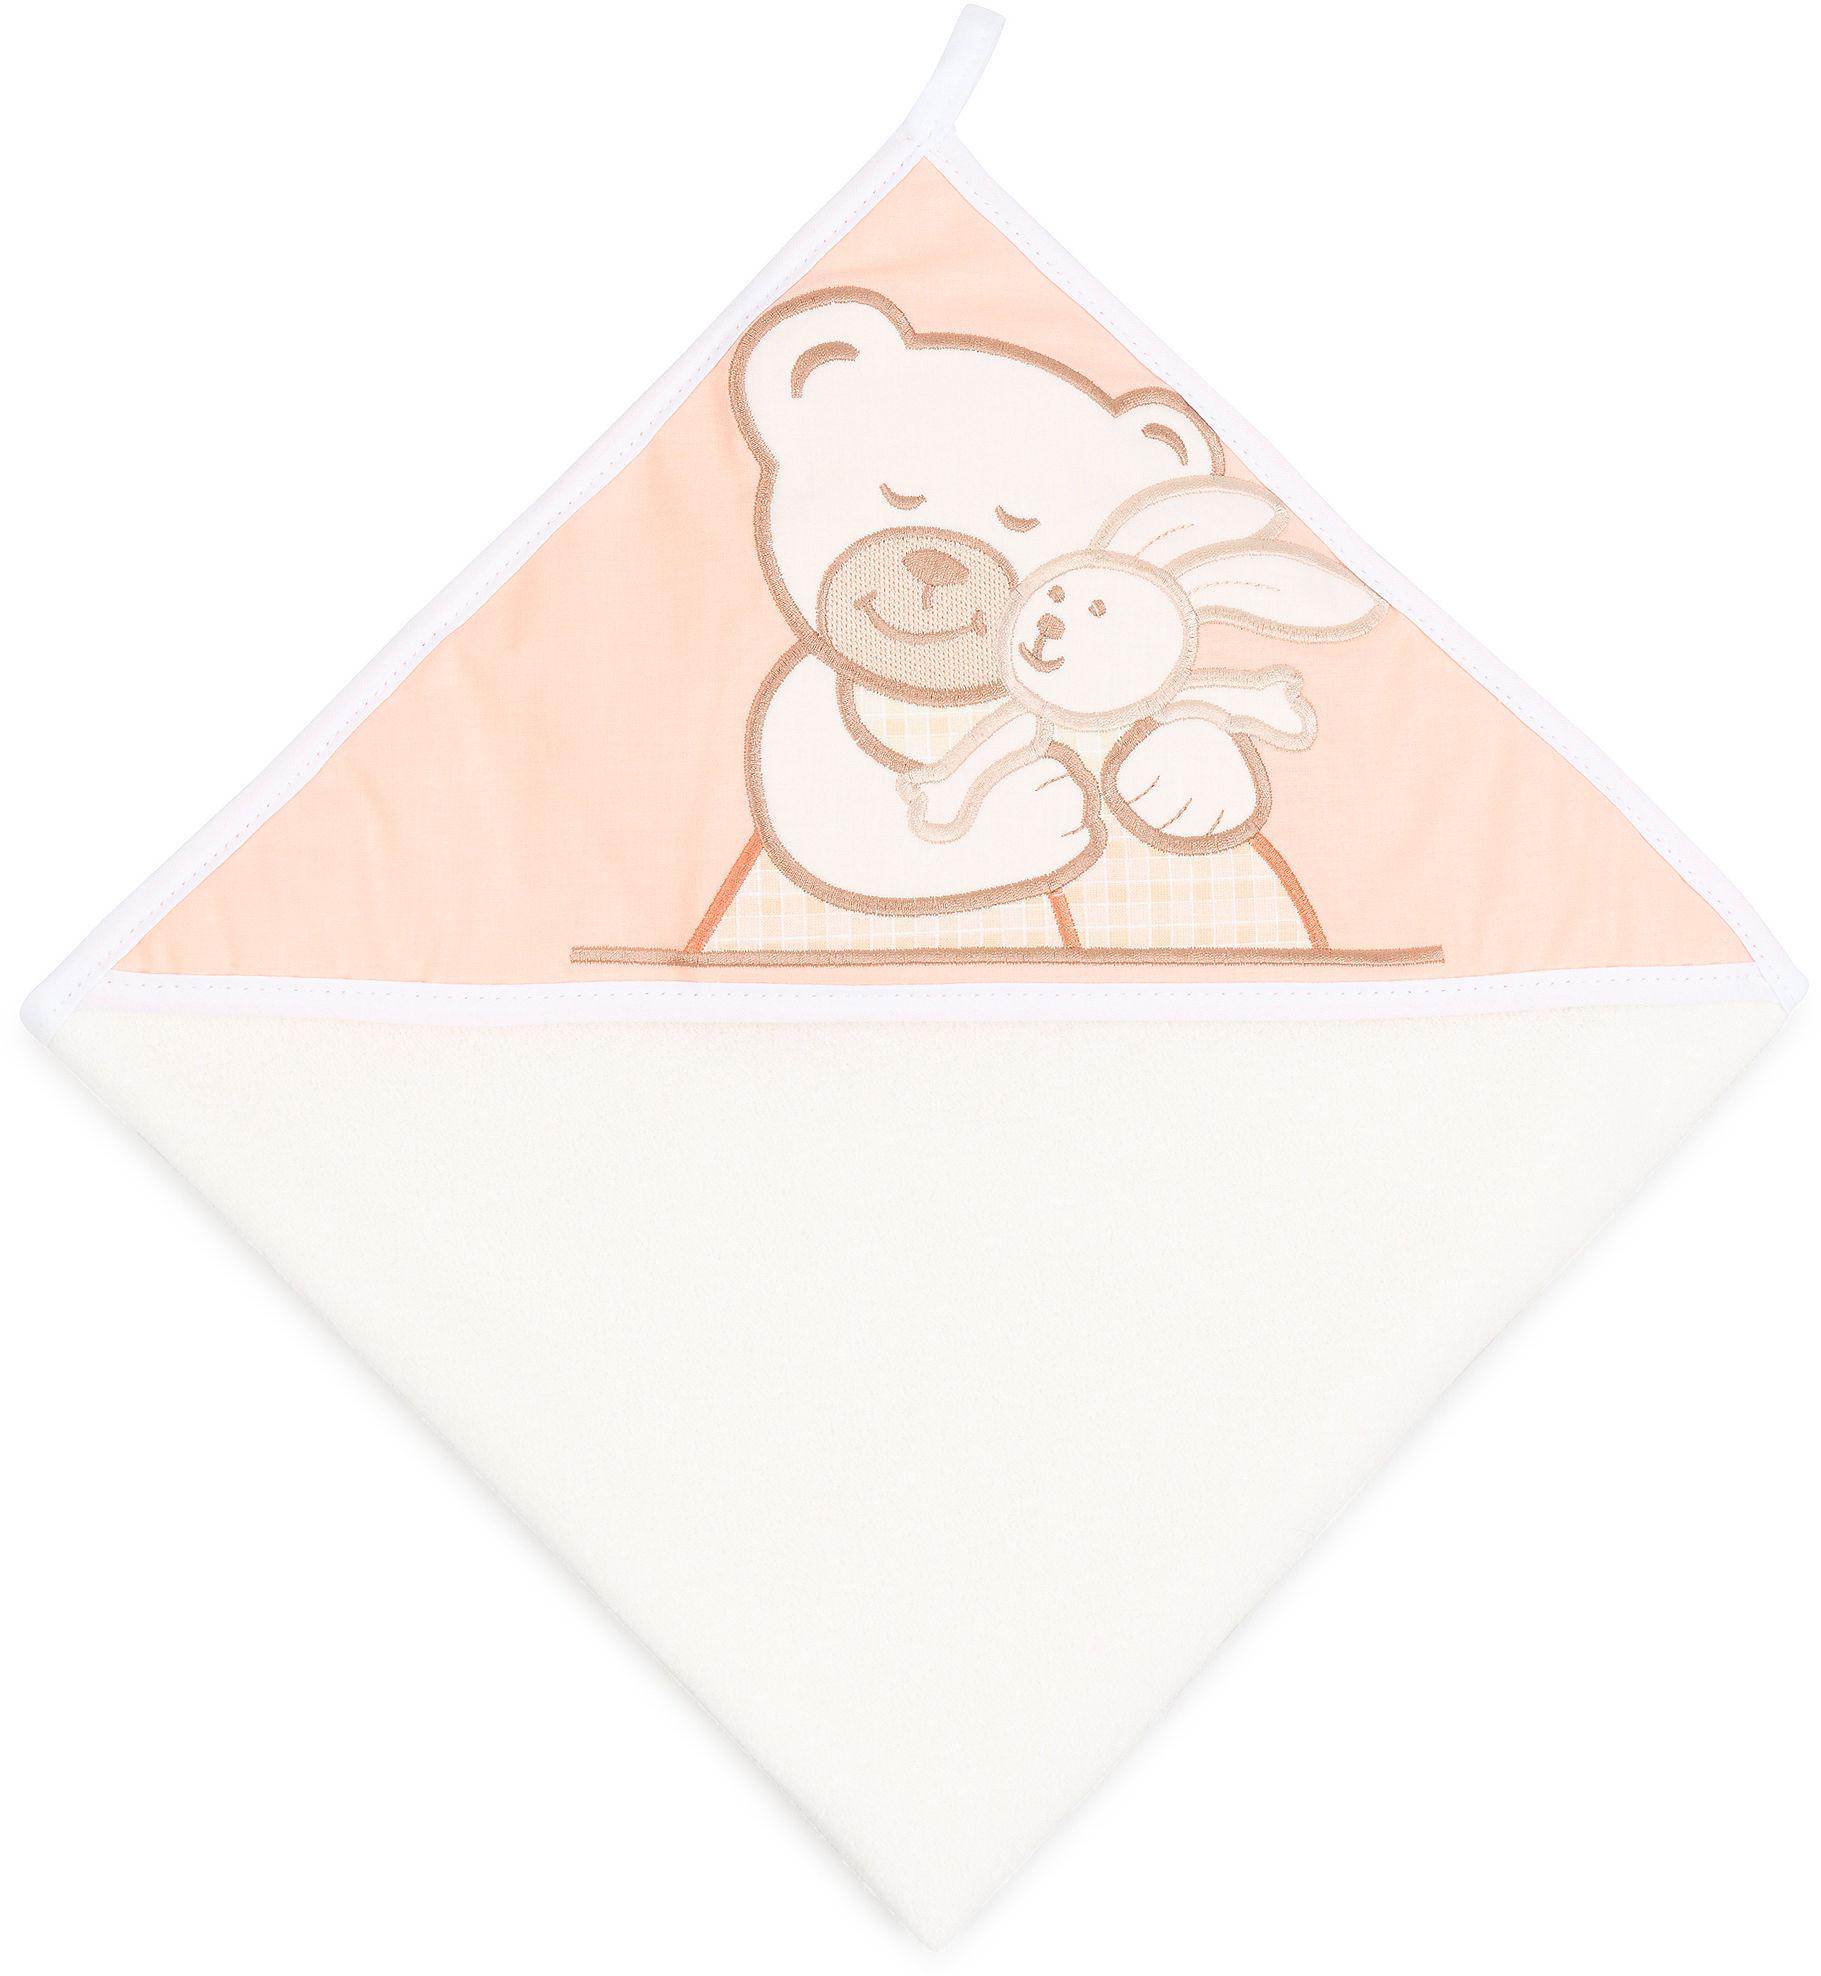 MAMO-TATO Okrycie Kąpielowe z haftem Tulisie brzoskwiniowe / ecru